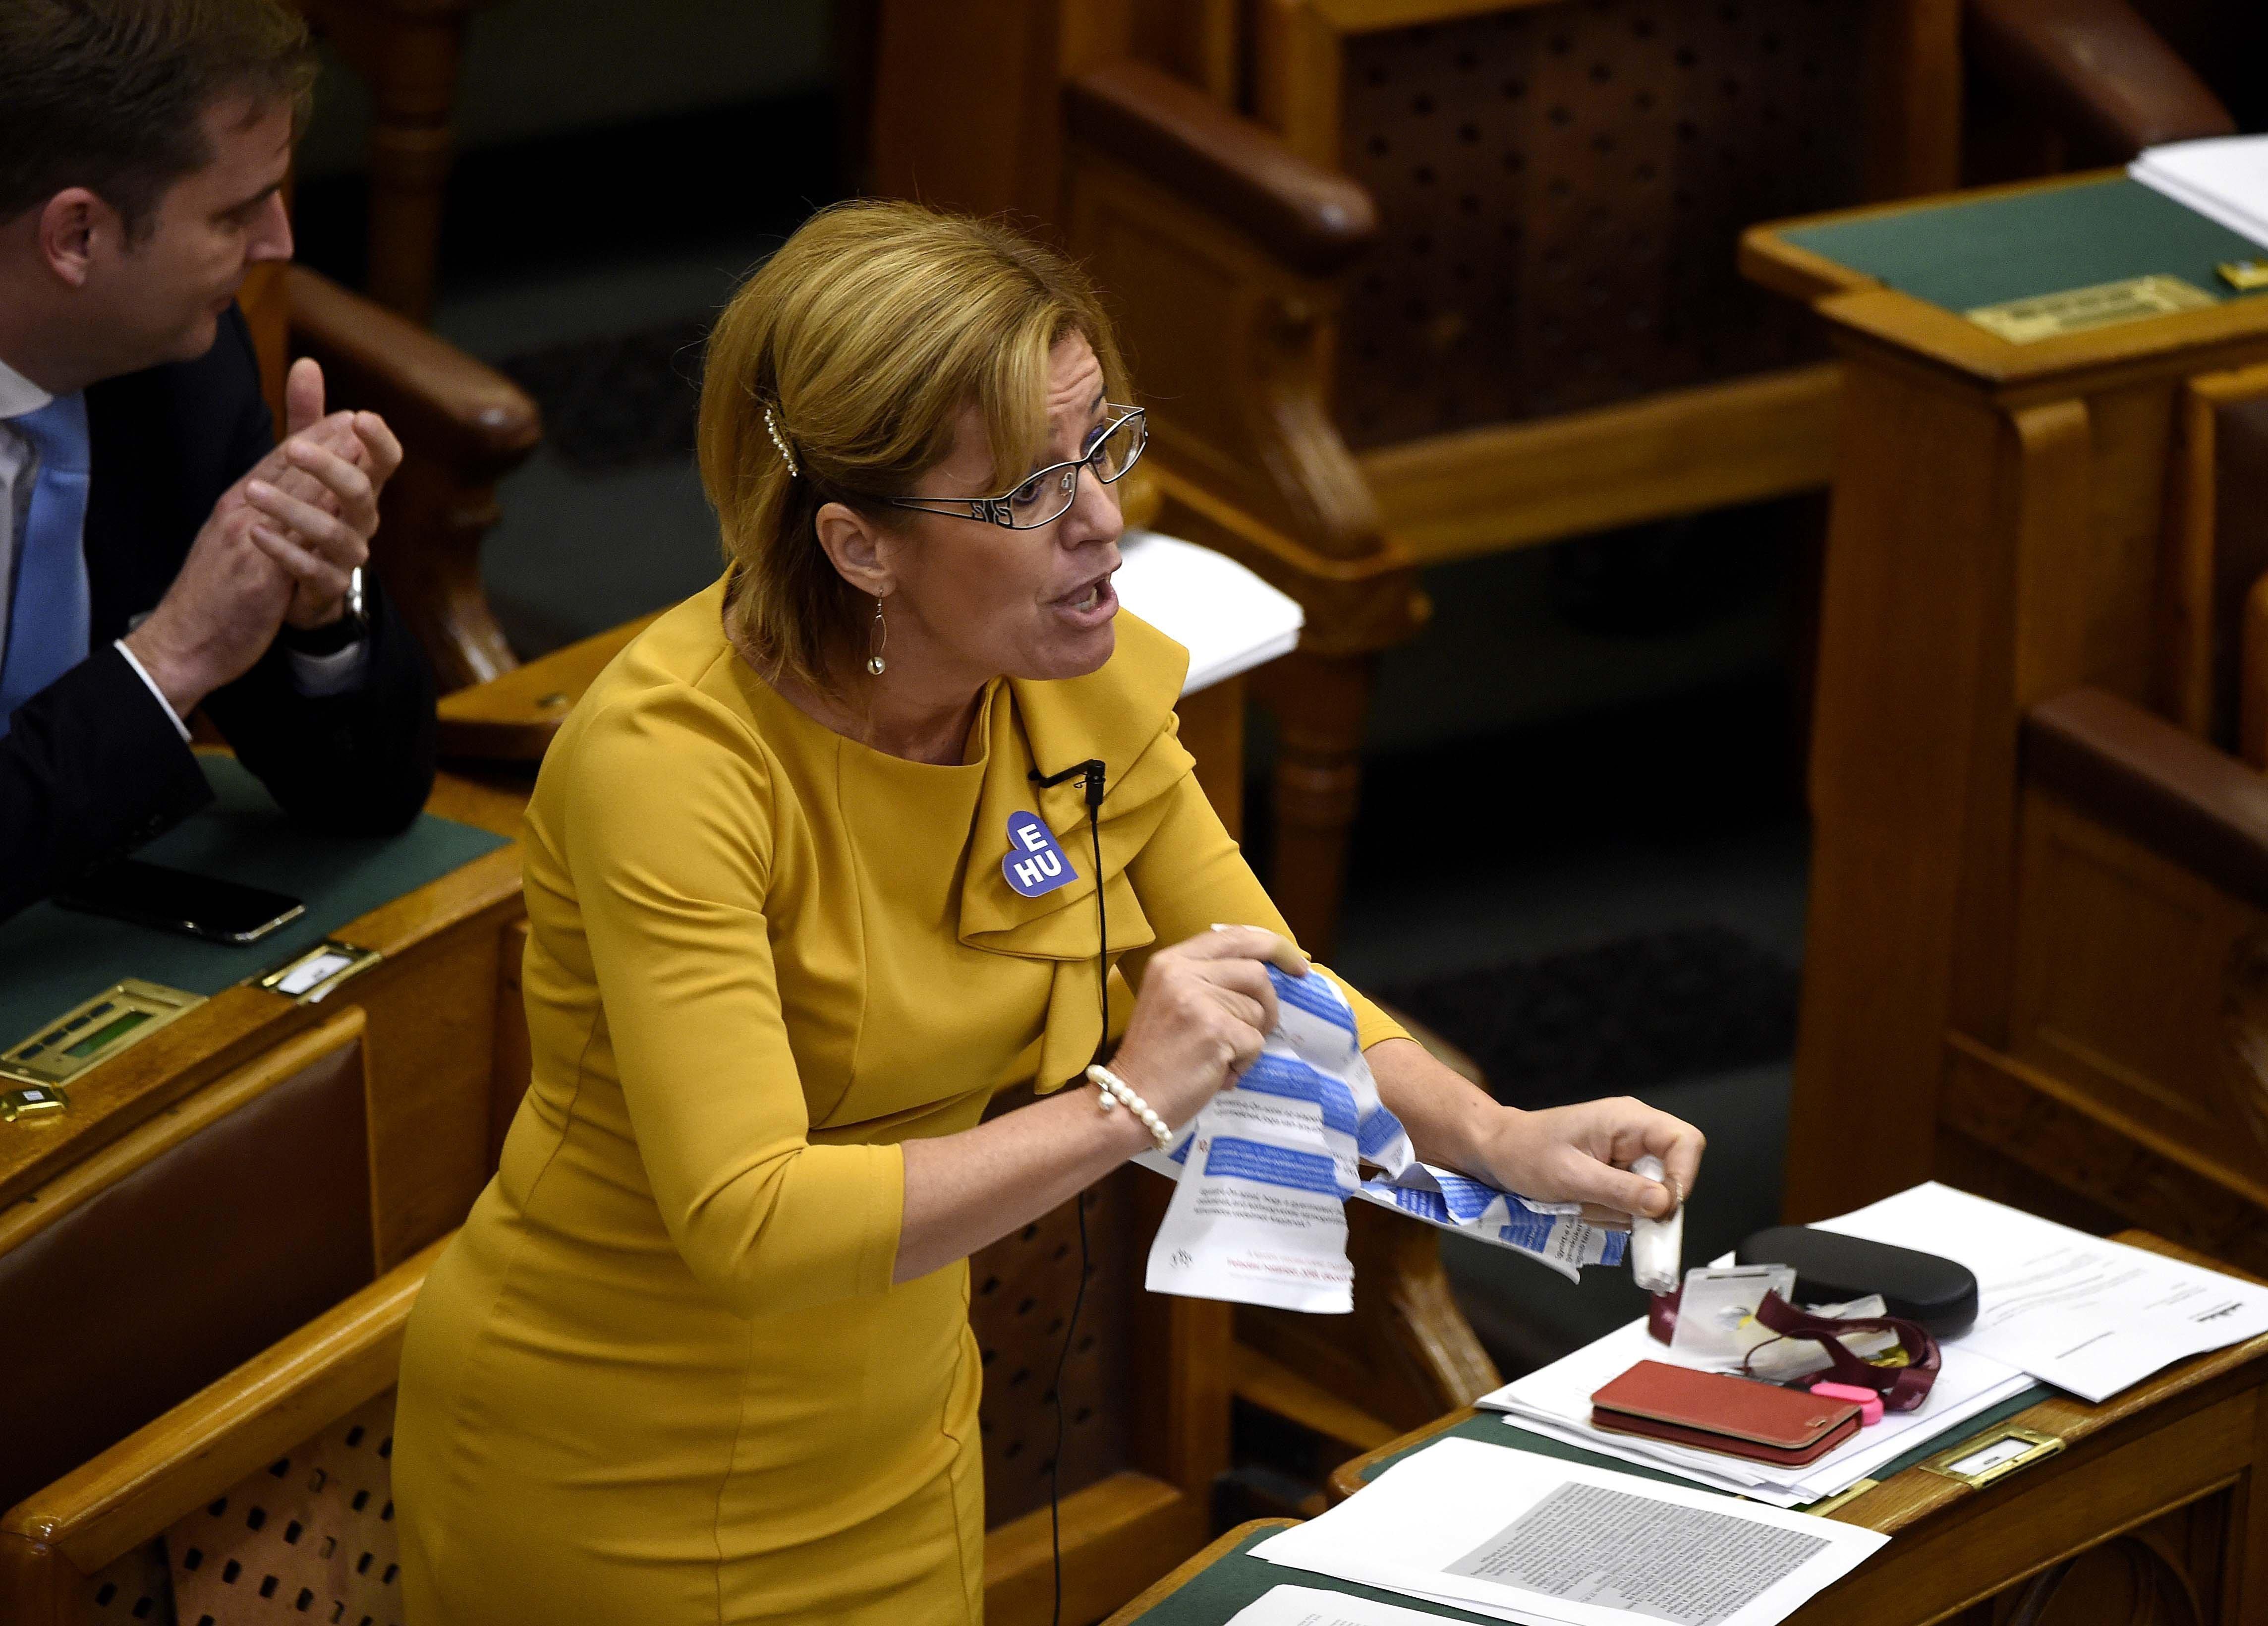 Bangóné szerint azért népszerű a Fidesz, mert túl sok a patkány